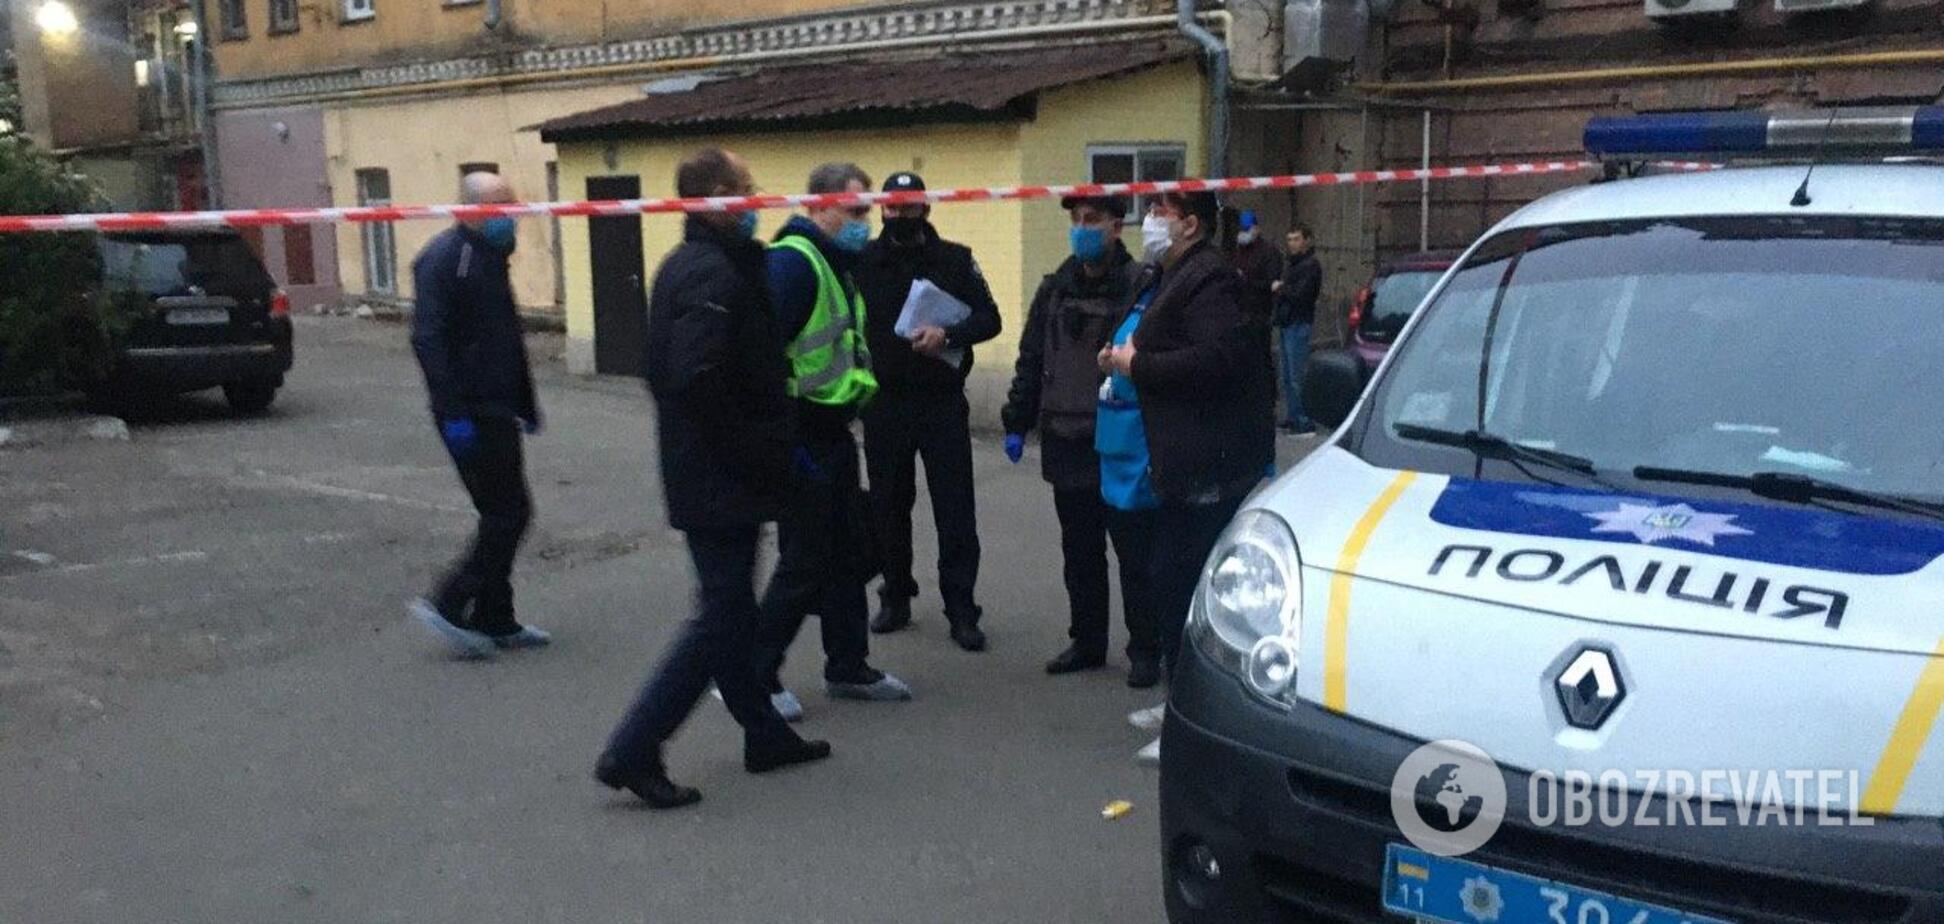 В Киеве нашли застреленным нардепа: первые кадры с места происшествия